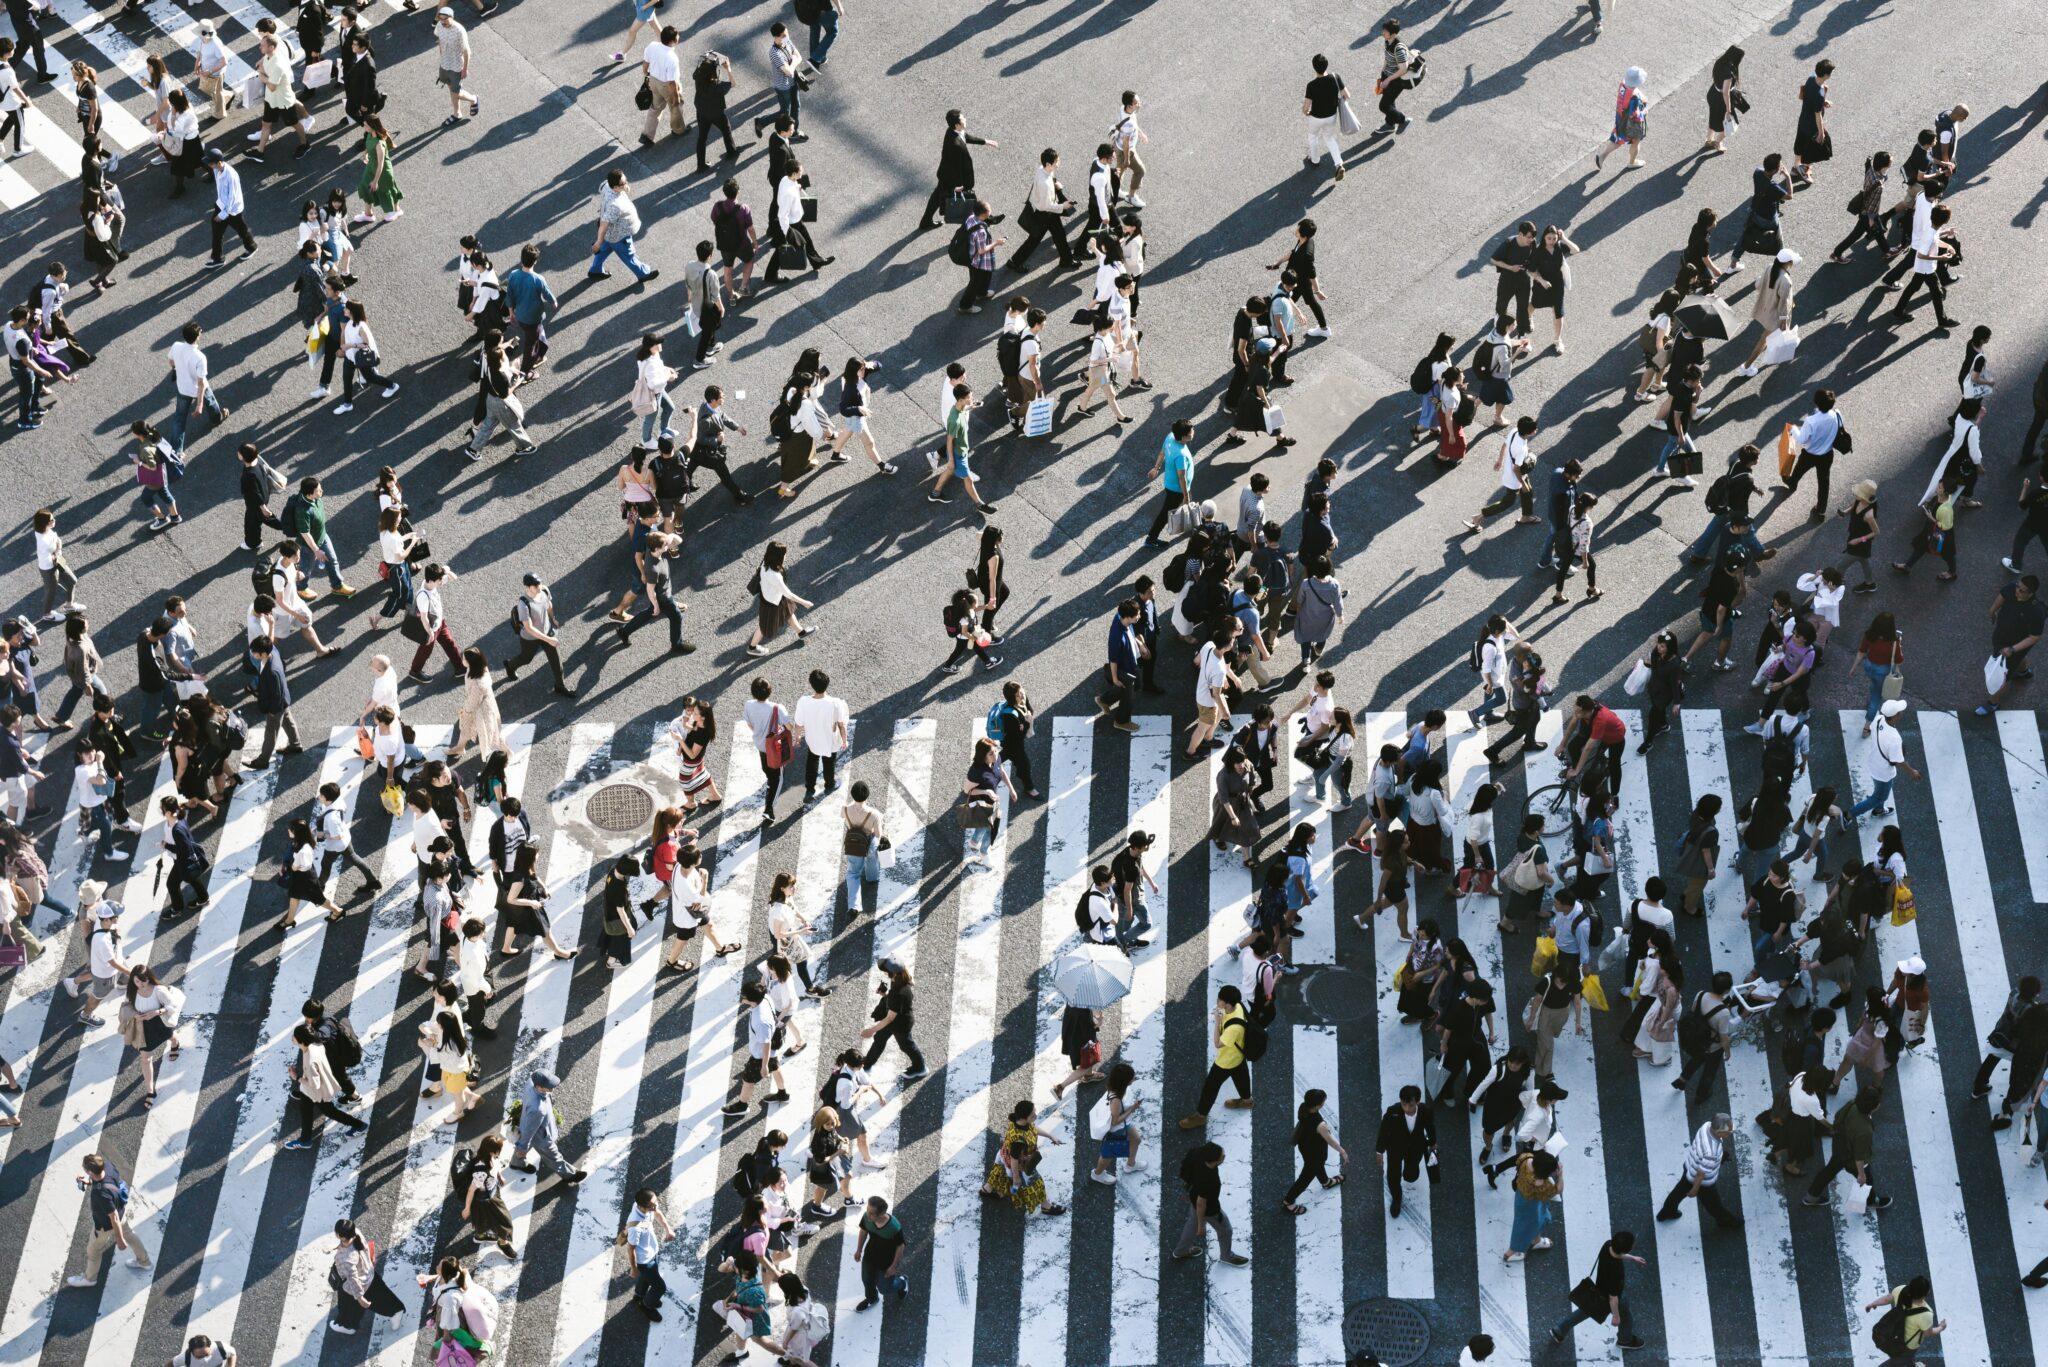 lots of people walking across zebra crossing